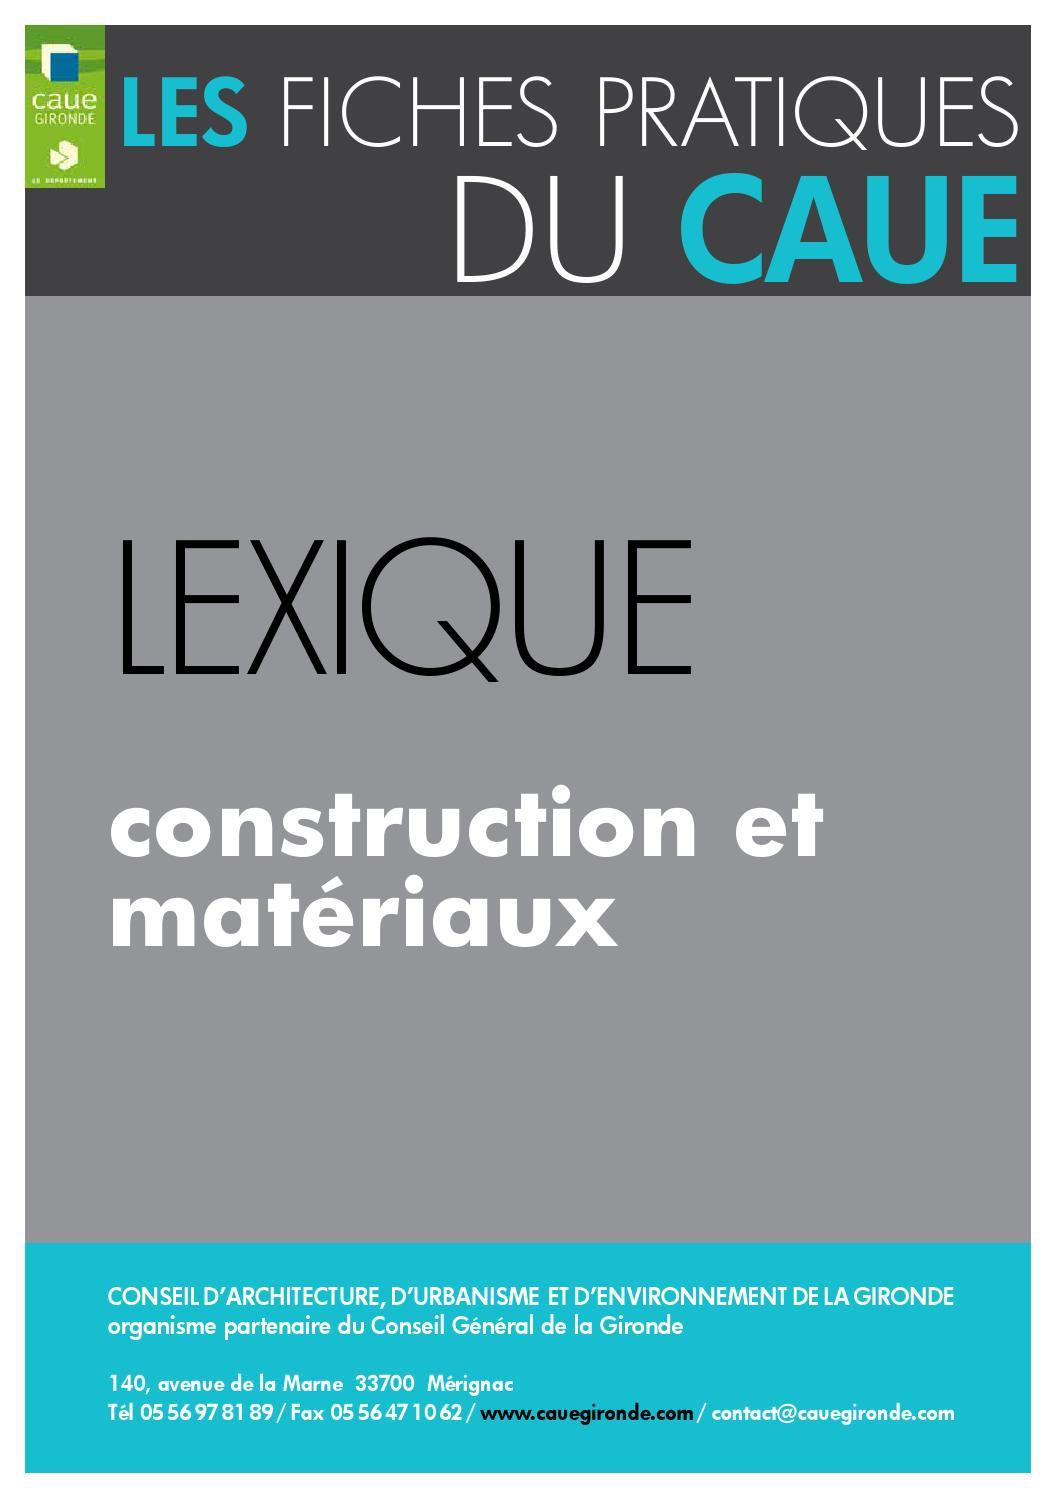 2015 lexique construction et matériaux by caue de la gironde issuu